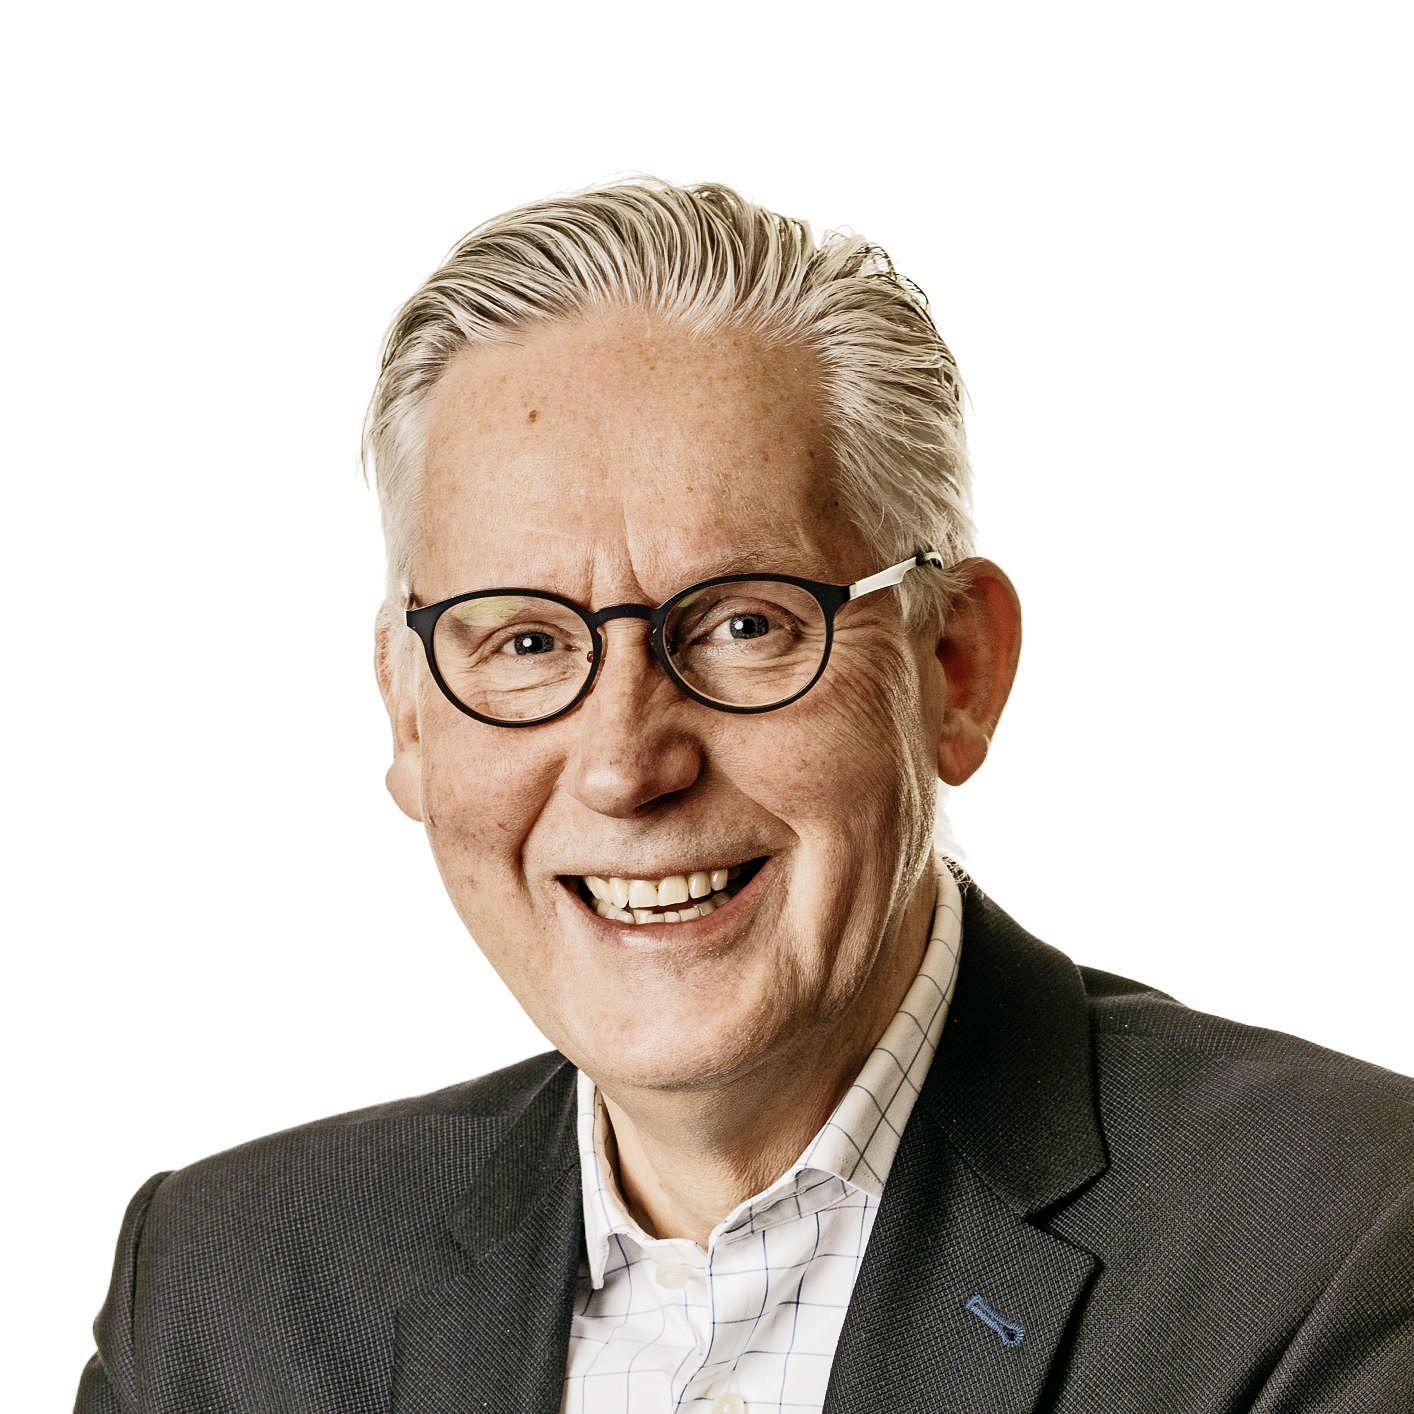 'Wethouder worden stond niet op mijn bucketlist.' Frits Brouwer vervangt Krijn Rijke in Heemskerk